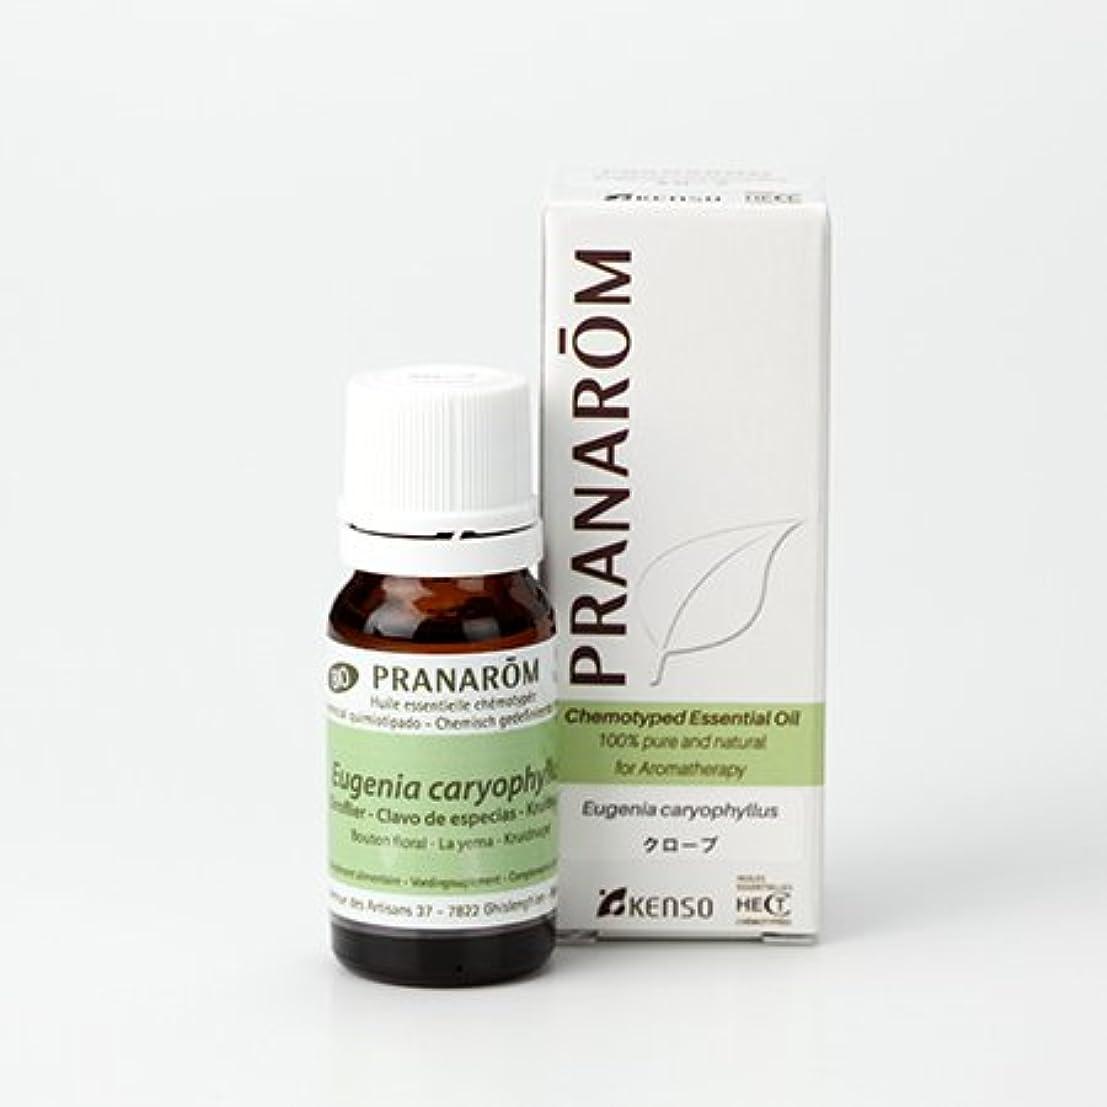 きゅうり花火指定プラナロム ( PRANAROM ) 精油 クローブ 10ml p-71